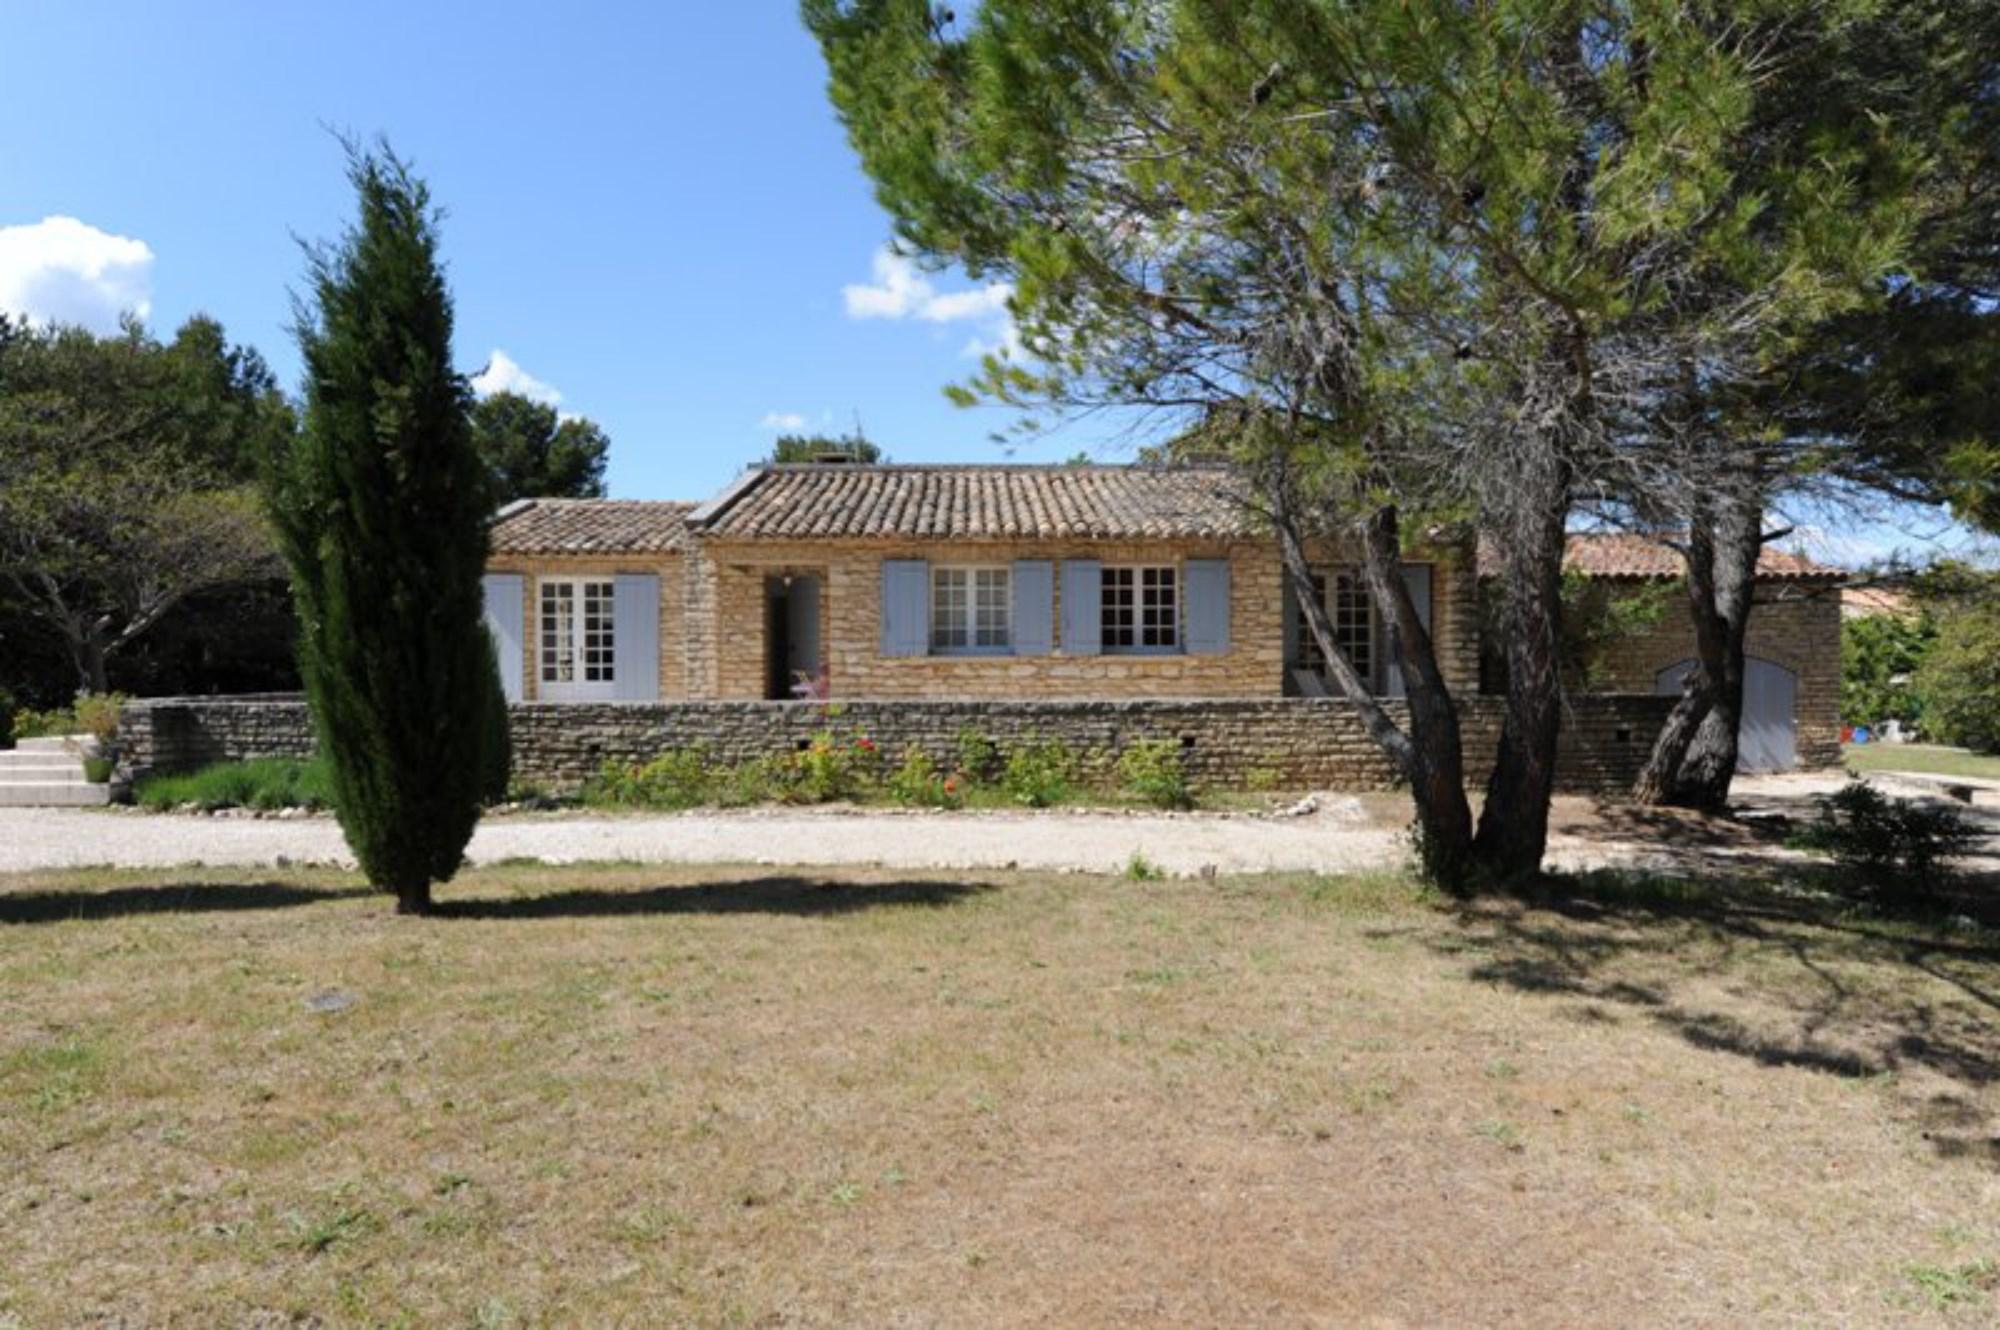 Maison à vendre dans le Luberon en Provence